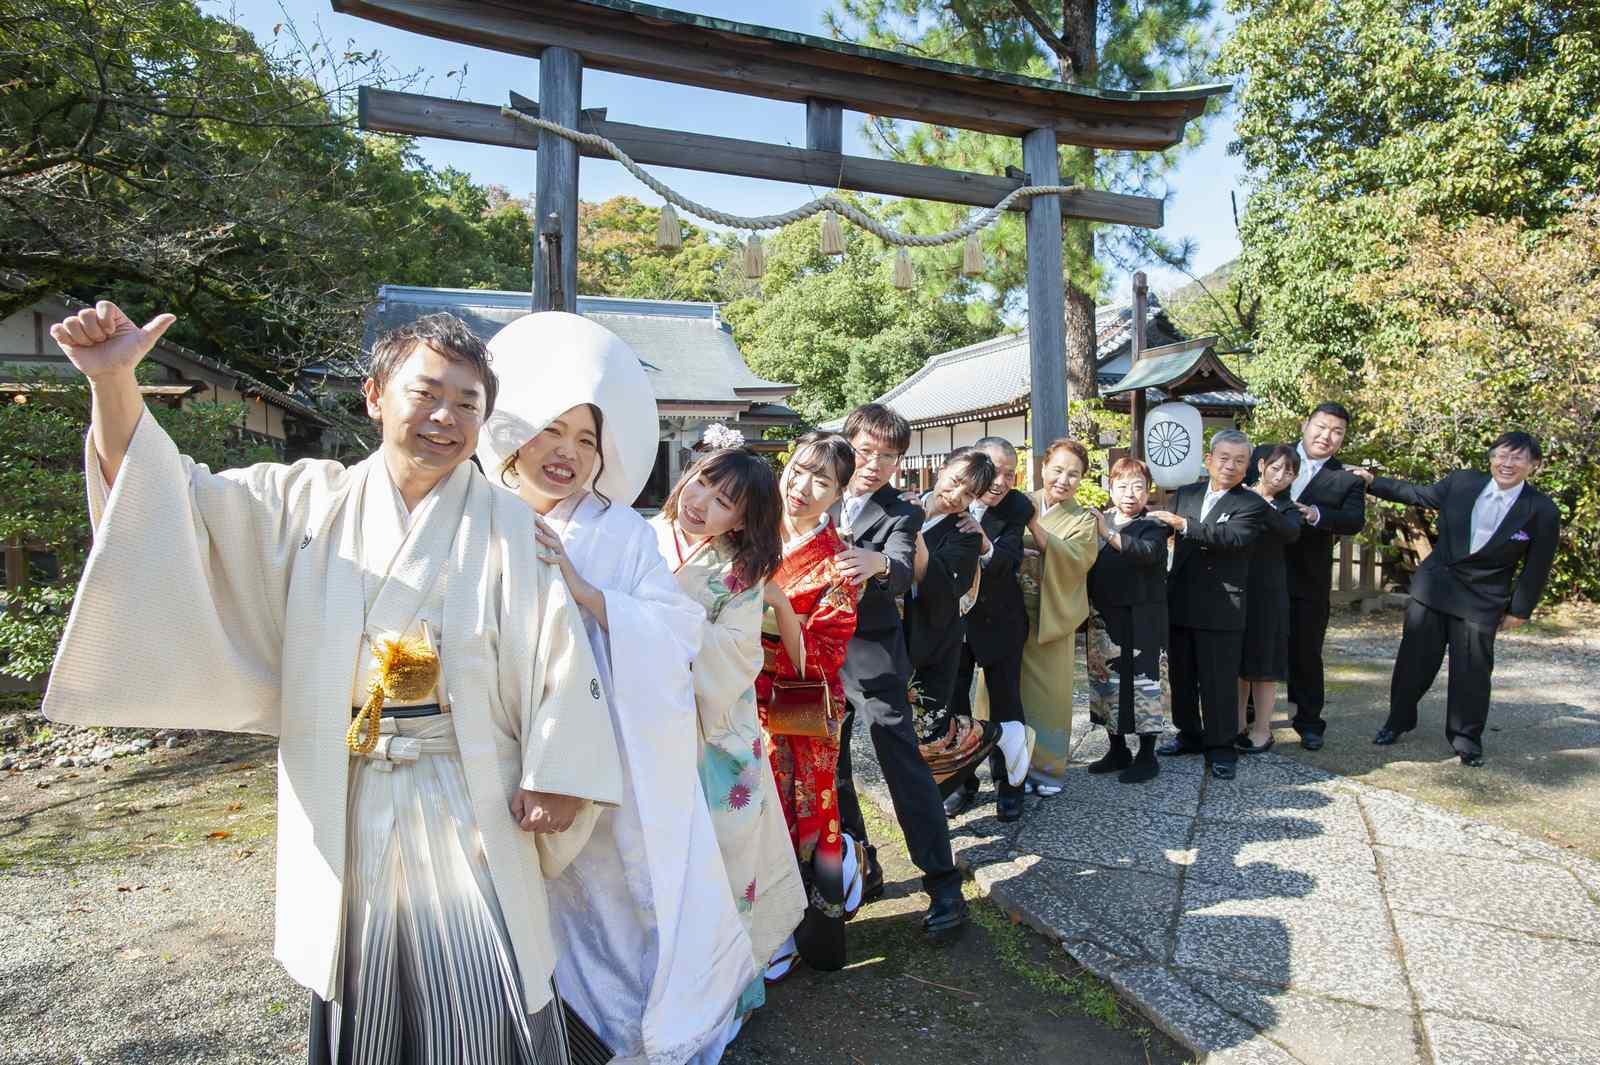 徳島市の結婚式場ブランアンジュで披露宴を行う前に挙式をした忌部神社で撮影した笑顔の親族との記念写真